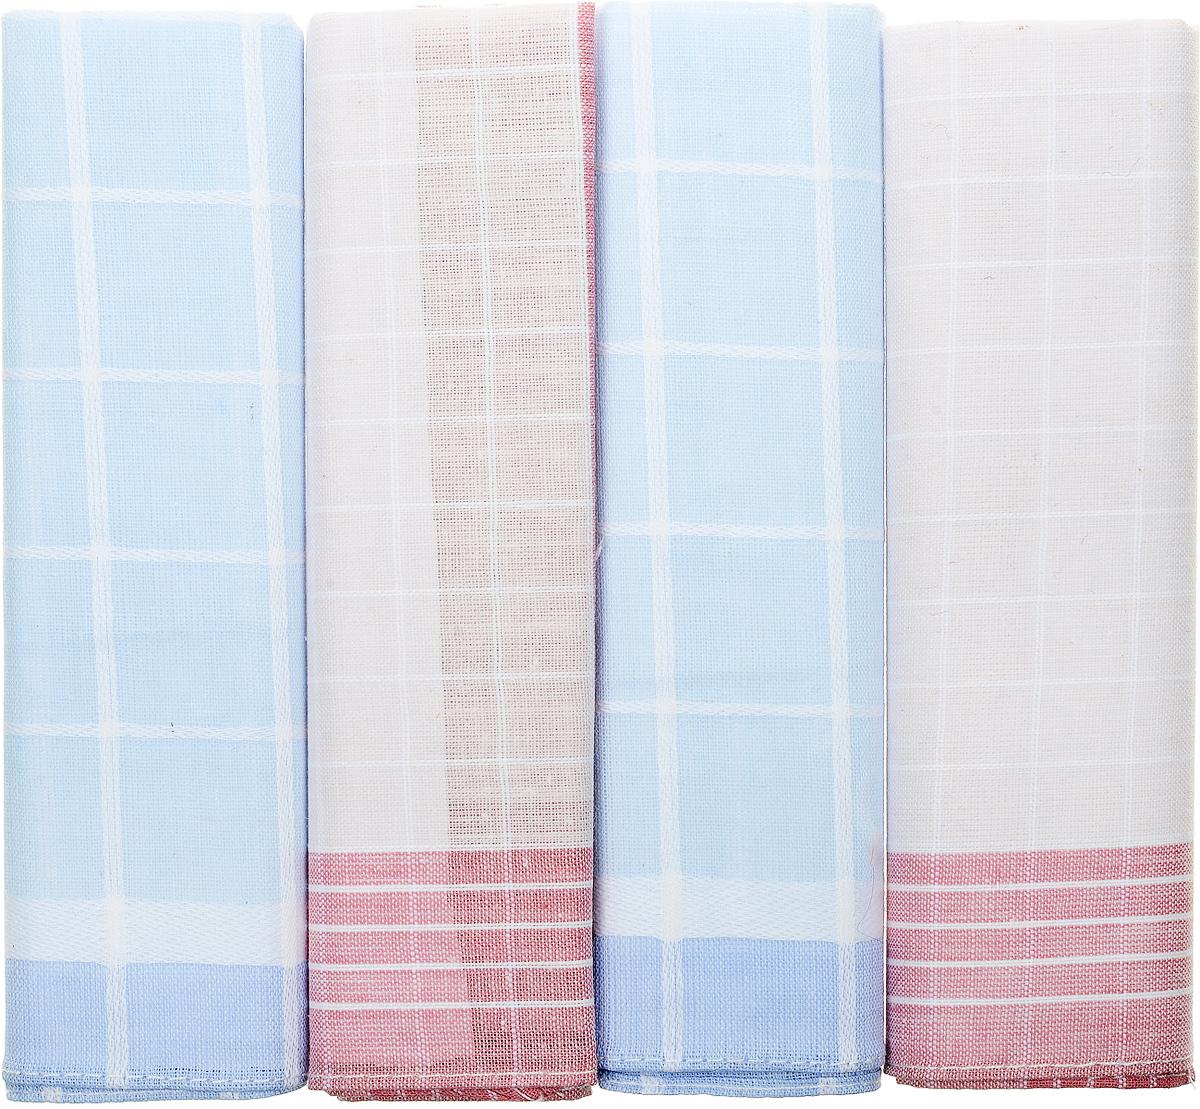 Платок носовой женский Zlata Korunka, цвет: голубой, бордовый, 4 шт. 71420-31. Размер 28 см х 28 см39864|Серьги с подвескамиОригинальный женский носовой платок Zlata Korunka изготовлен из высококачественного натурального хлопка, благодаря чему приятен в использовании, хорошо стирается, не садится и отлично впитывает влагу. Практичный и изящный носовой платок будет незаменим в повседневной жизни любого современного человека. Такой платок послужит стильным аксессуаром и подчеркнет ваше превосходное чувство вкуса.